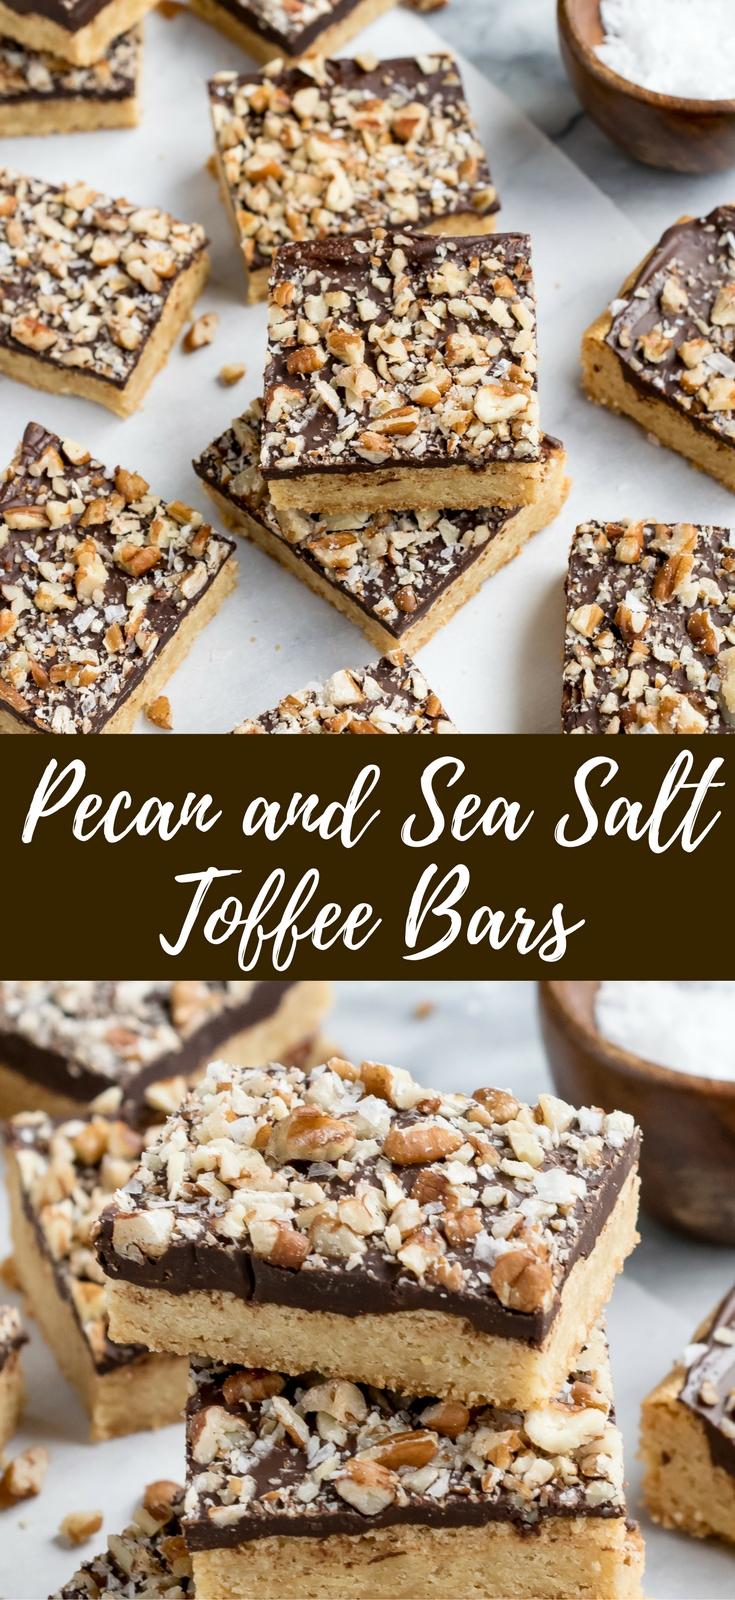 Sea Salt Toffee Bars